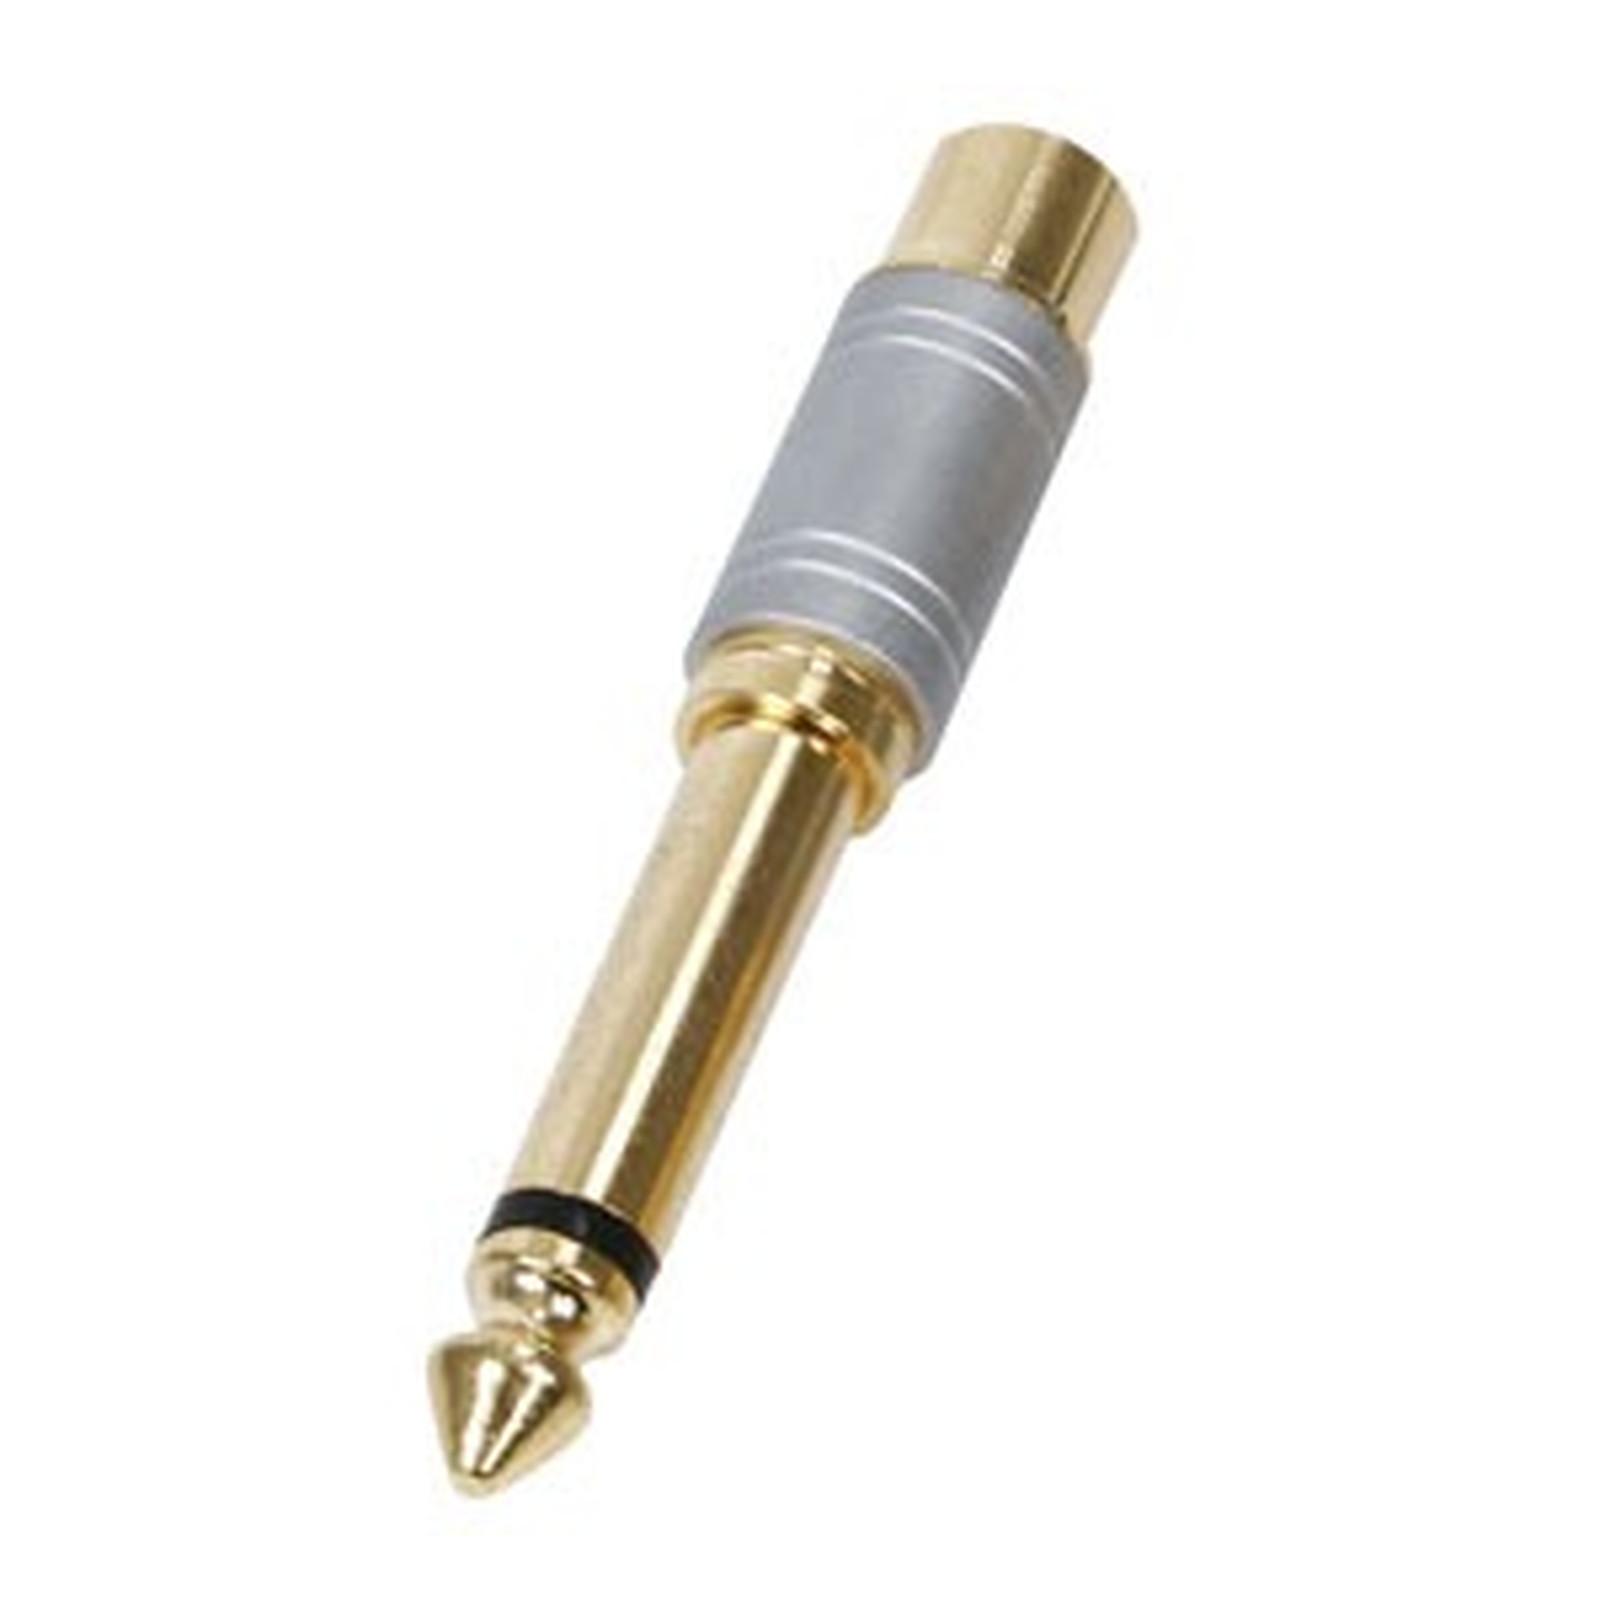 Adaptateur Haute qualité Jack 6.35 mm mâle / RCA femelle